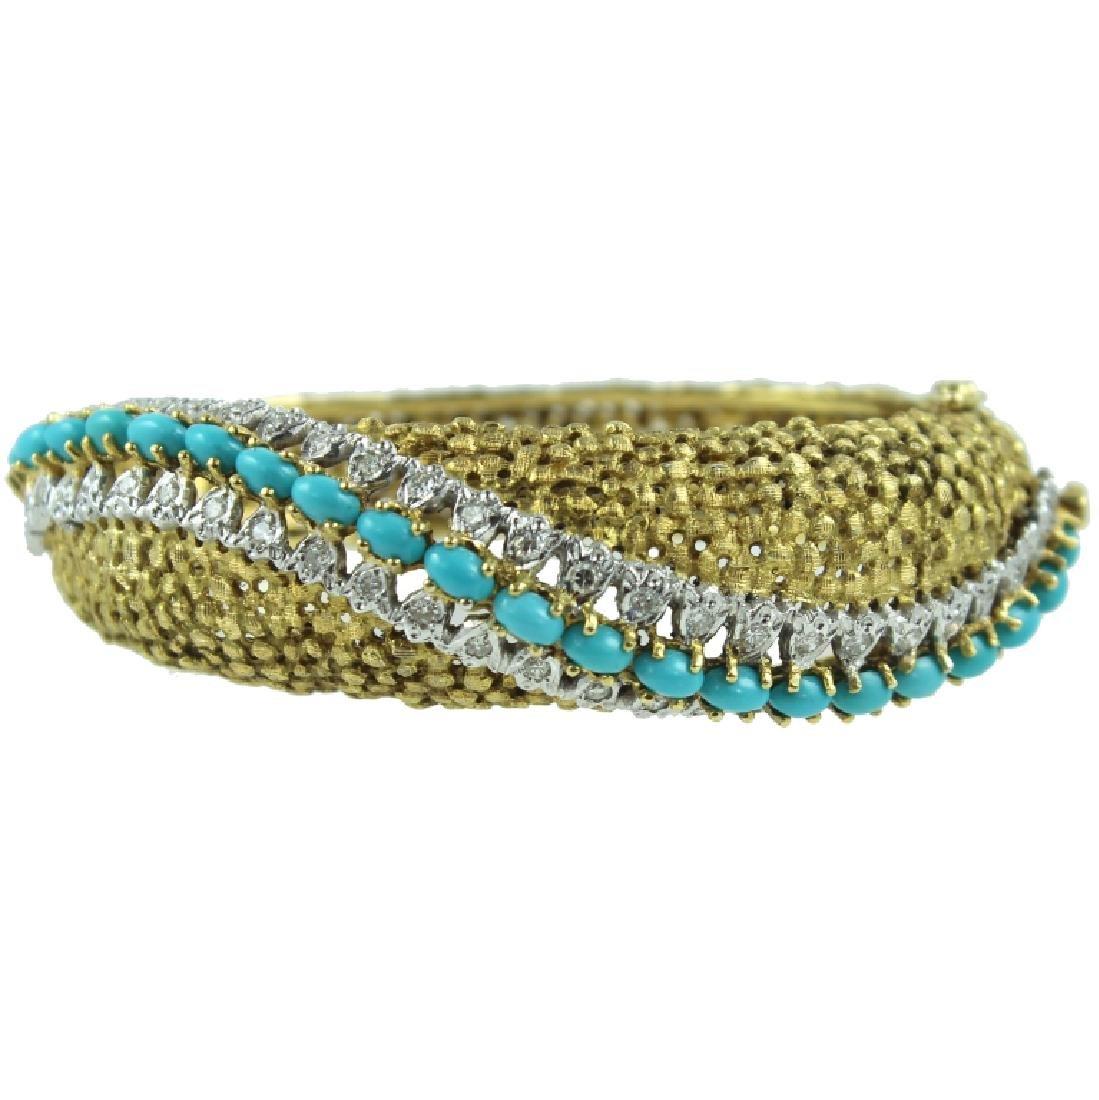 18K Turquoise & Diamond bangle bracelet.